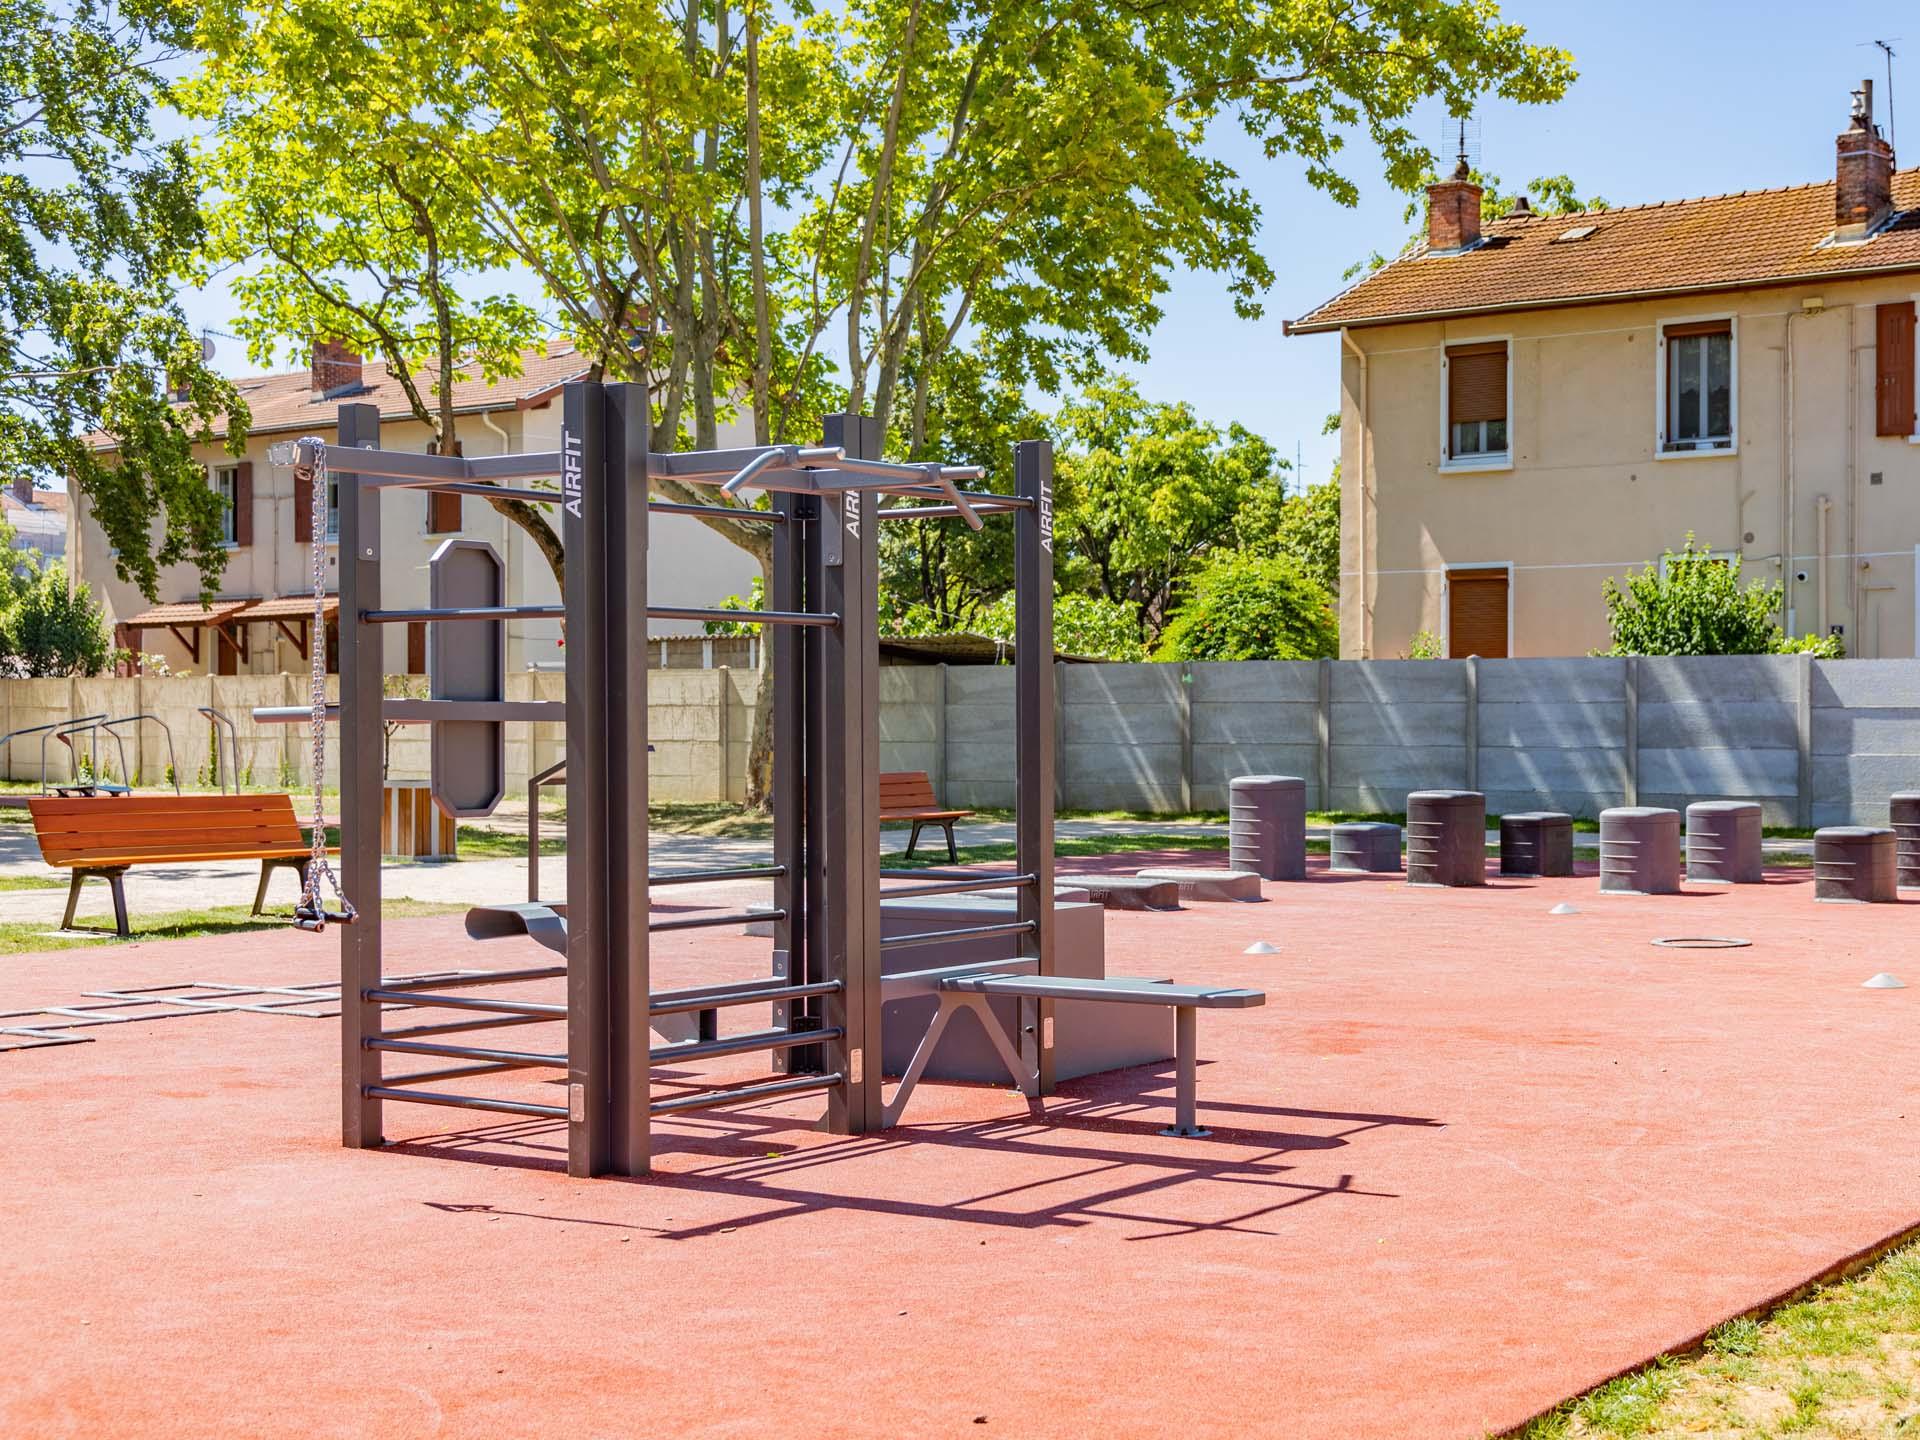 https://www.leprogres.fr/culture-loisirs/2020/08/17/une-aire-de-fitness-connectee-prend-ses-quartiers-a-la-cite-berliet